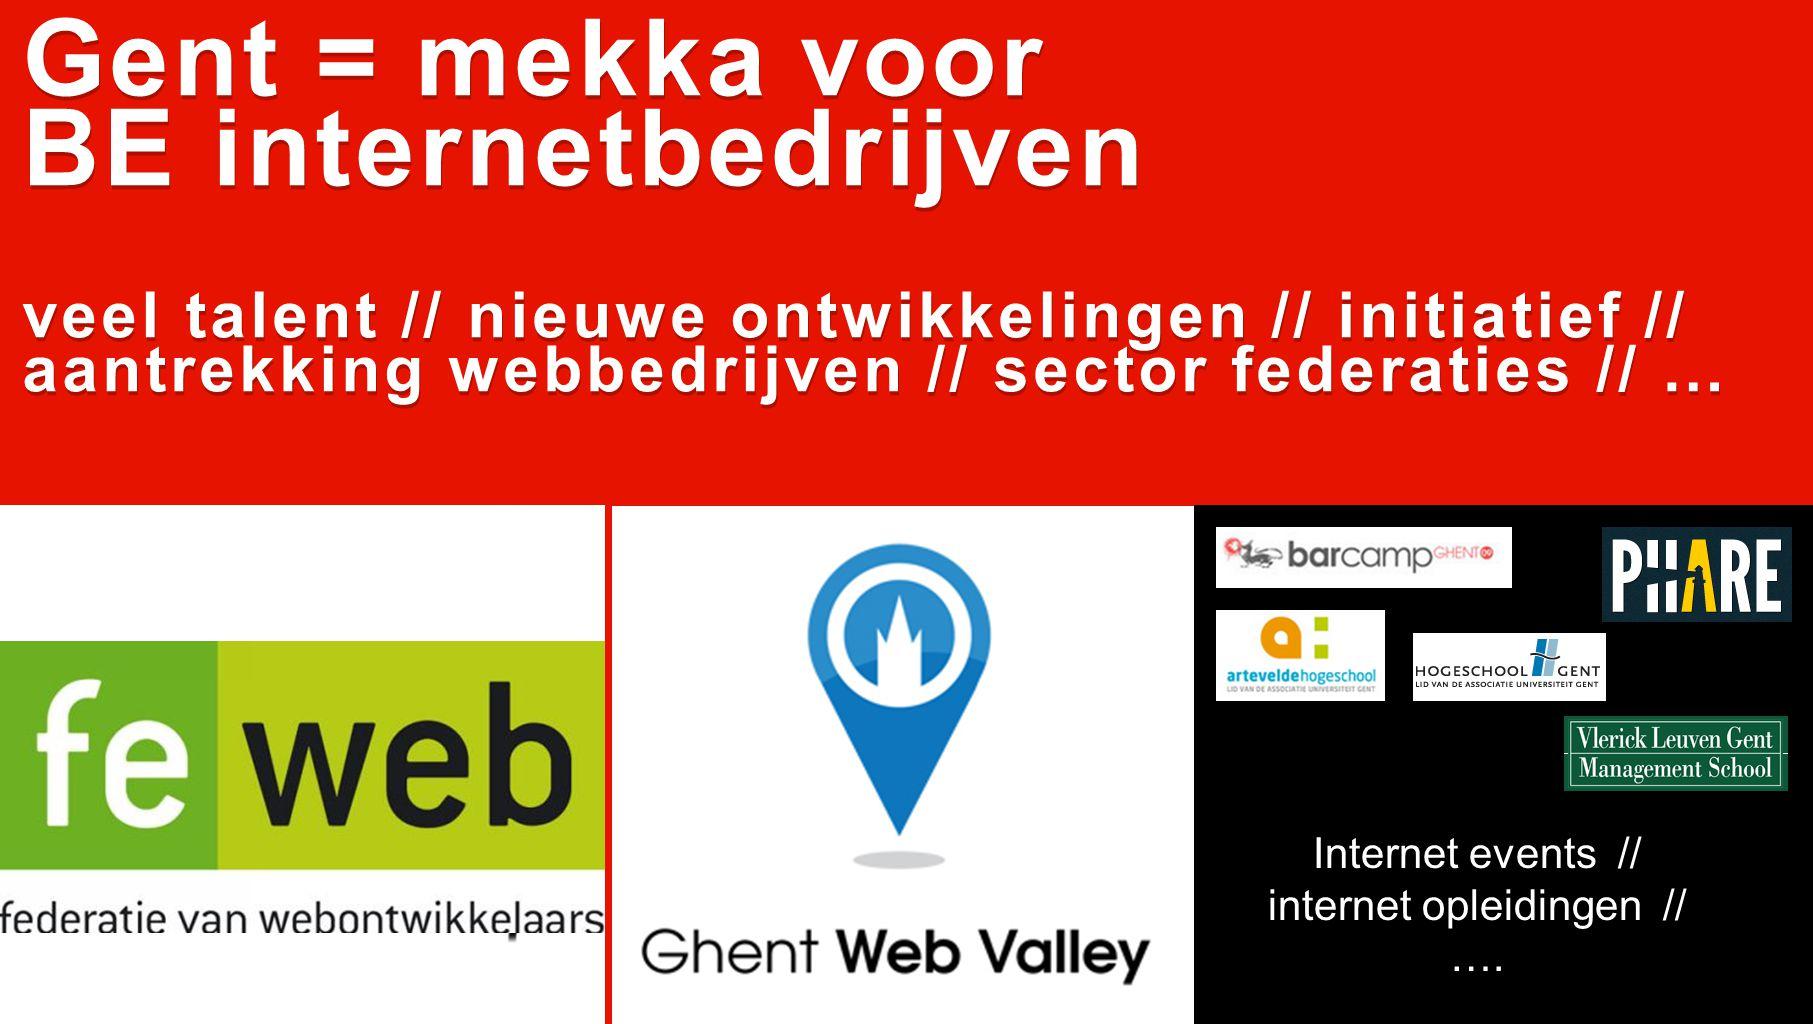 Gent = mekka voor BE internetbedrijven veel talent // nieuwe ontwikkelingen // initiatief // aantrekking webbedrijven // sector federaties // … Gent = mekka voor BE internetbedrijven veel talent // nieuwe ontwikkelingen // initiatief // aantrekking webbedrijven // sector federaties // … Internet events // internet opleidingen // ….